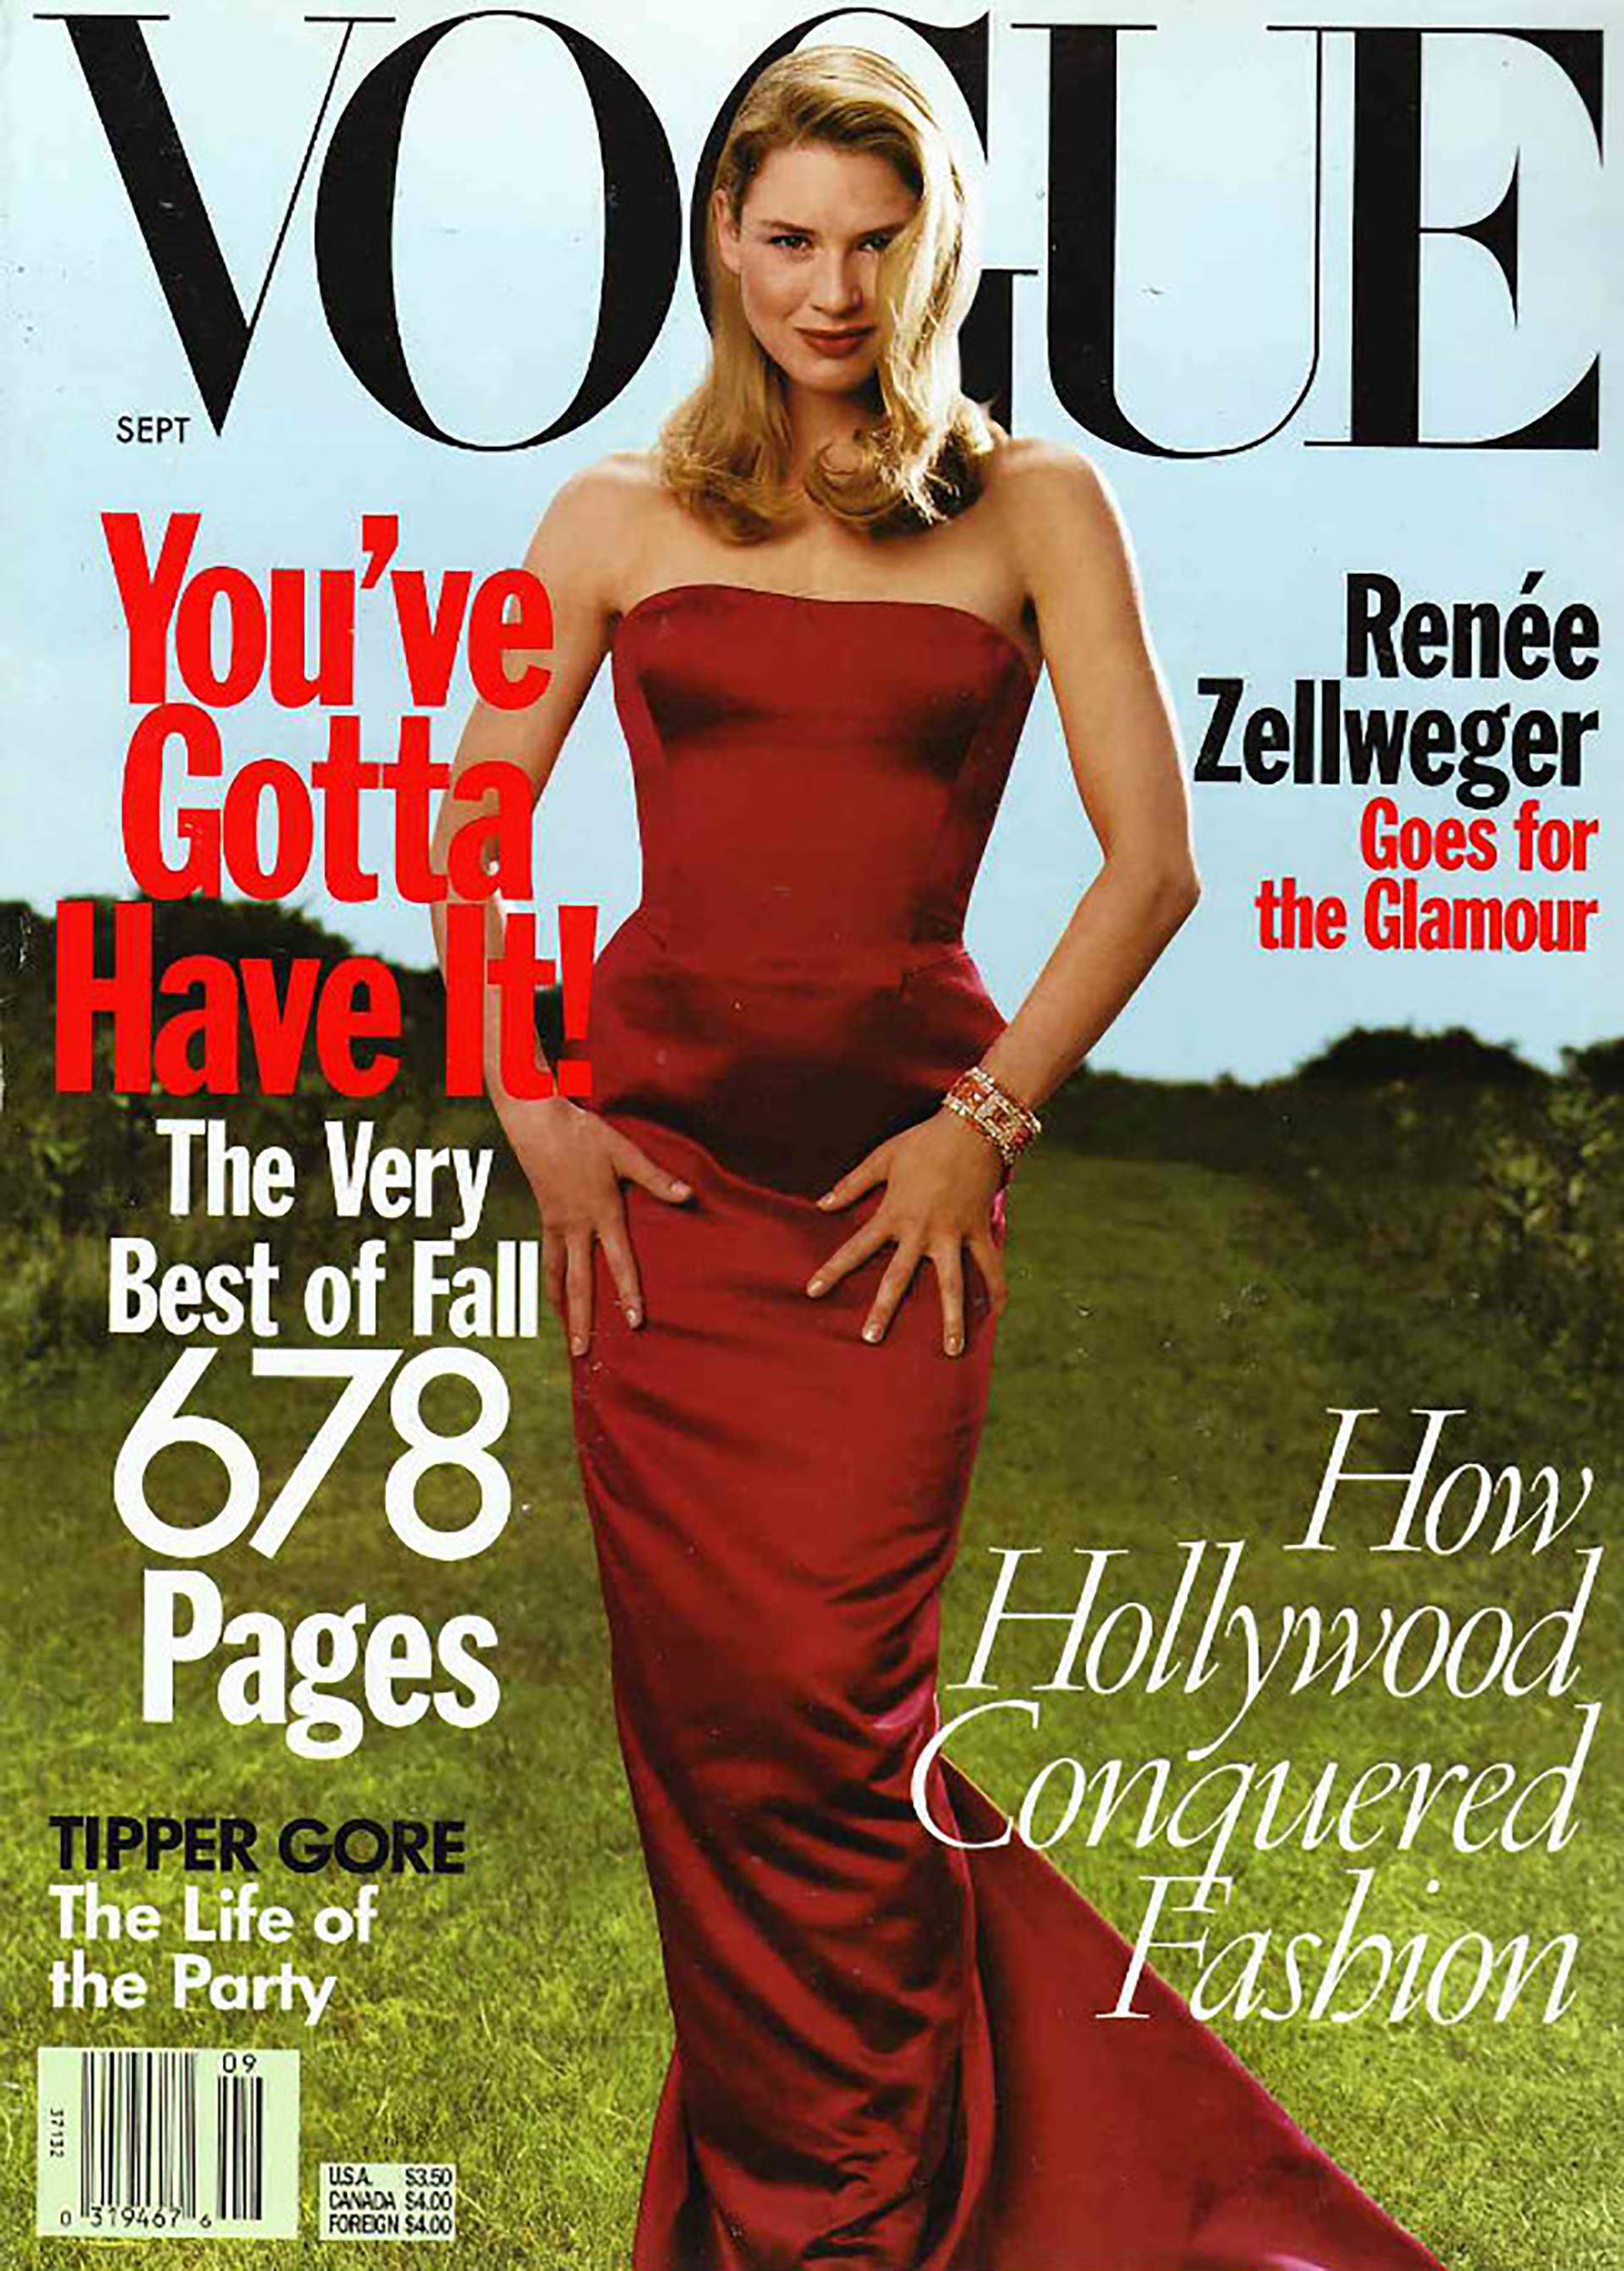 En 1998 Renée Zellweger fue la primera figura de Hollywood en protagonizar la clásica portada de inicio de temporada, una edición quemarcó nuevos rumbos